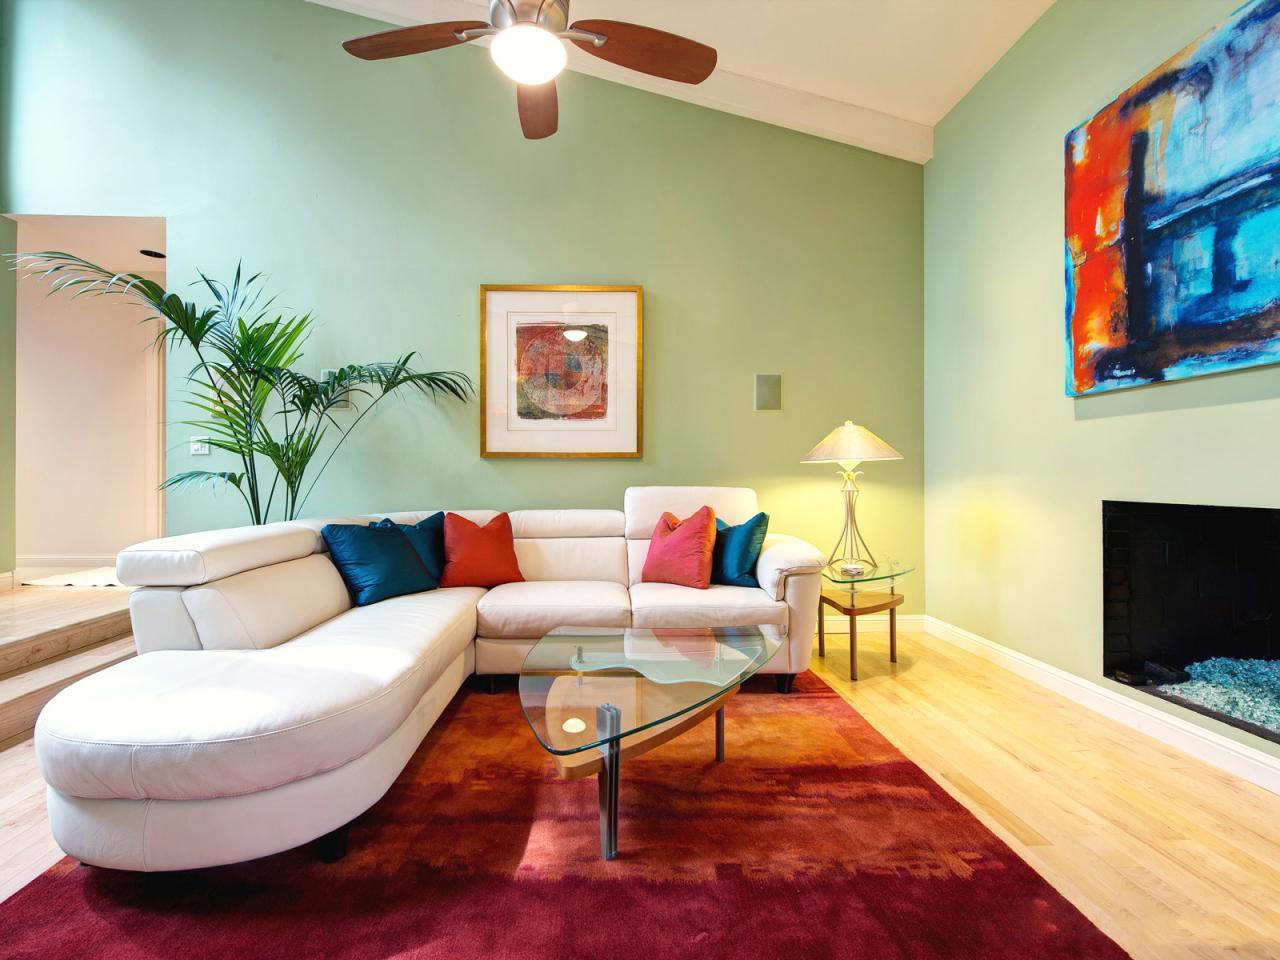 10-idee-abbellire-divano-vecchio-21